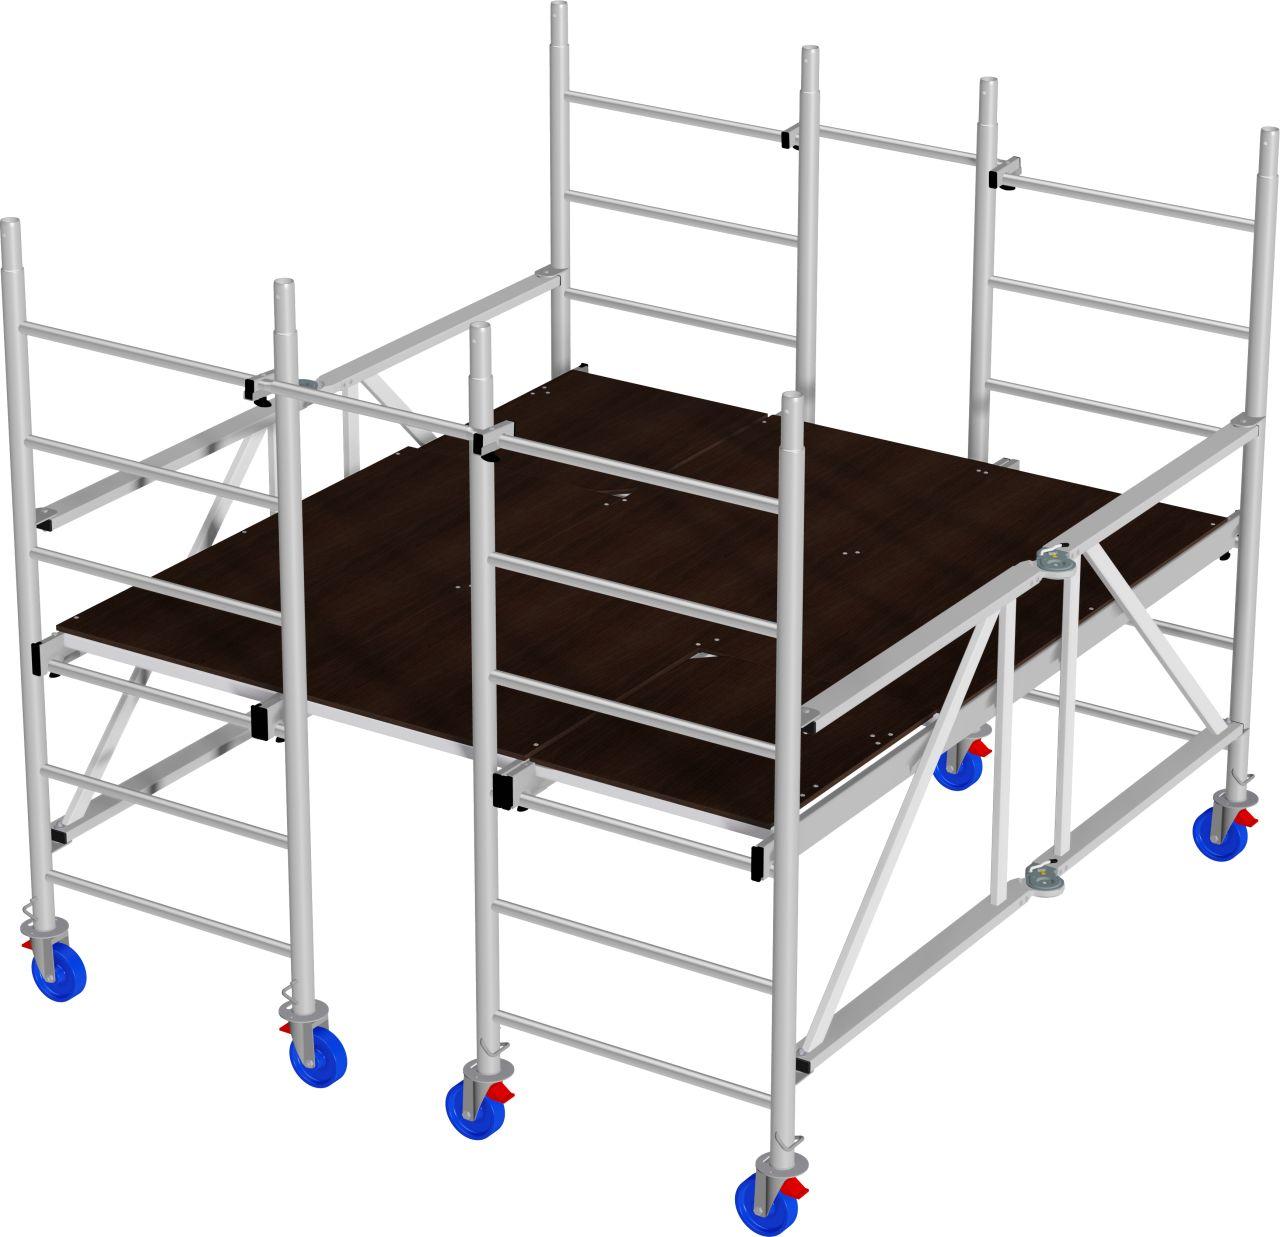 Aluminiowe rusztowanie jezdne z szeroką platformą - aluminiowe rusztowanie jezdne z dużą platformą roboczą, do prac prowadzonych wewnątrz, wyposażone w rolki jezdne z hamulcem